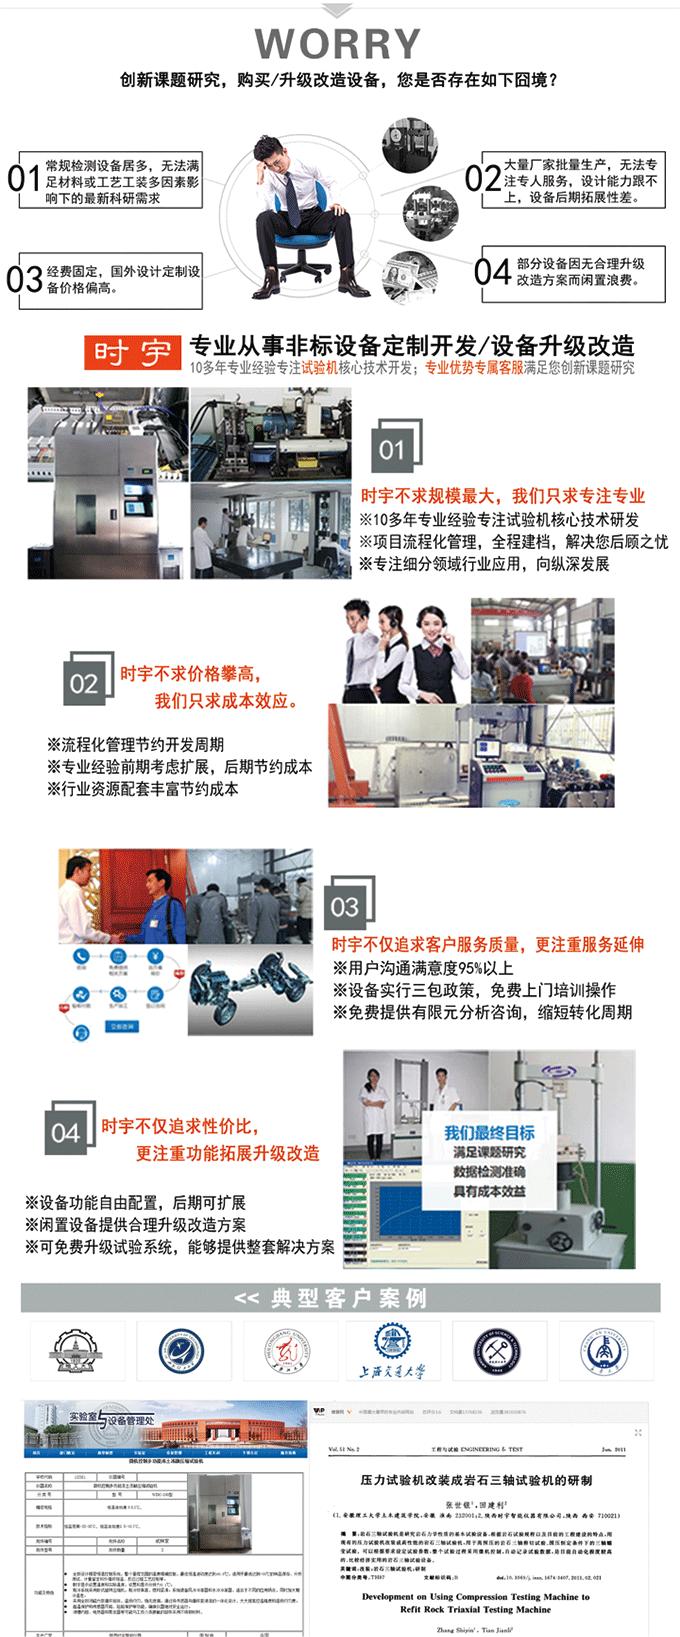 陕西时宇智能仪器有限公司专业优势.png